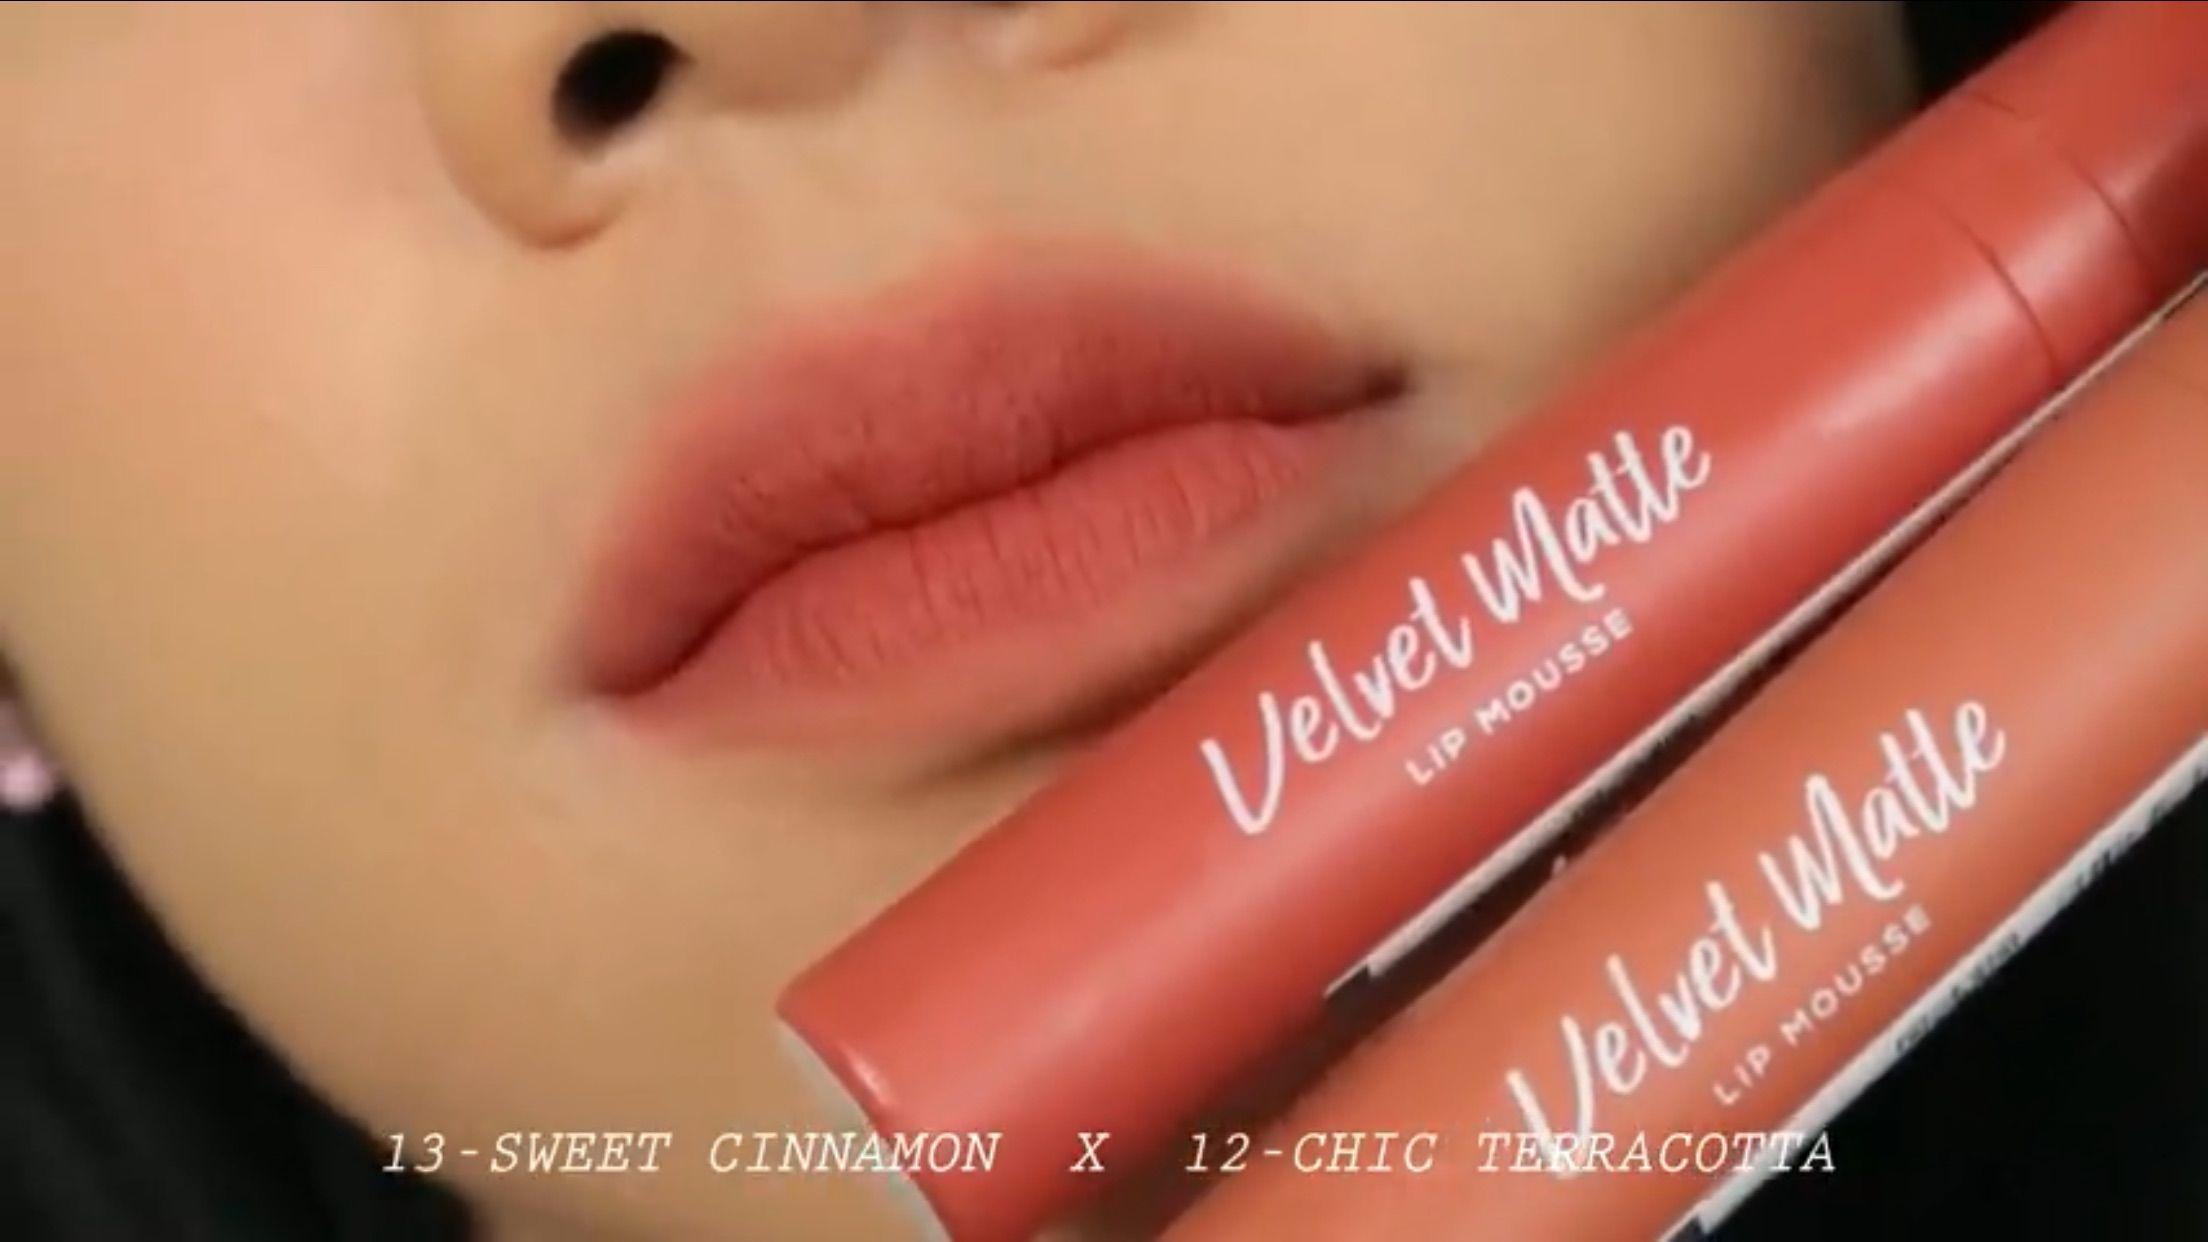 Pin Oleh Nanda Haira Di Skincare Haircare Bodycare Cosmetic Di 2020 Produk Makeup Pewarna Bibir Warna Bibir